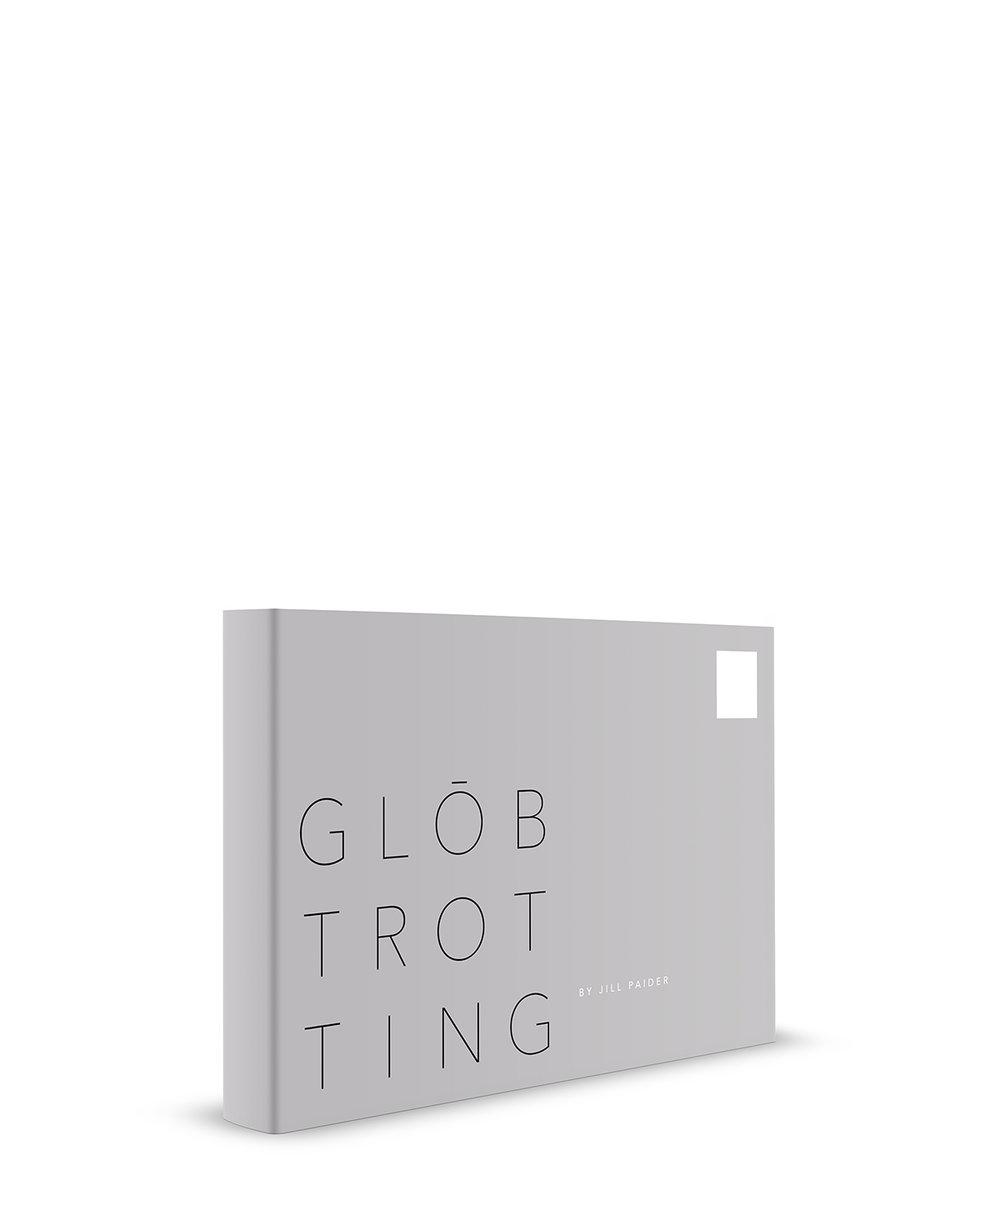 GLOBTROTTING